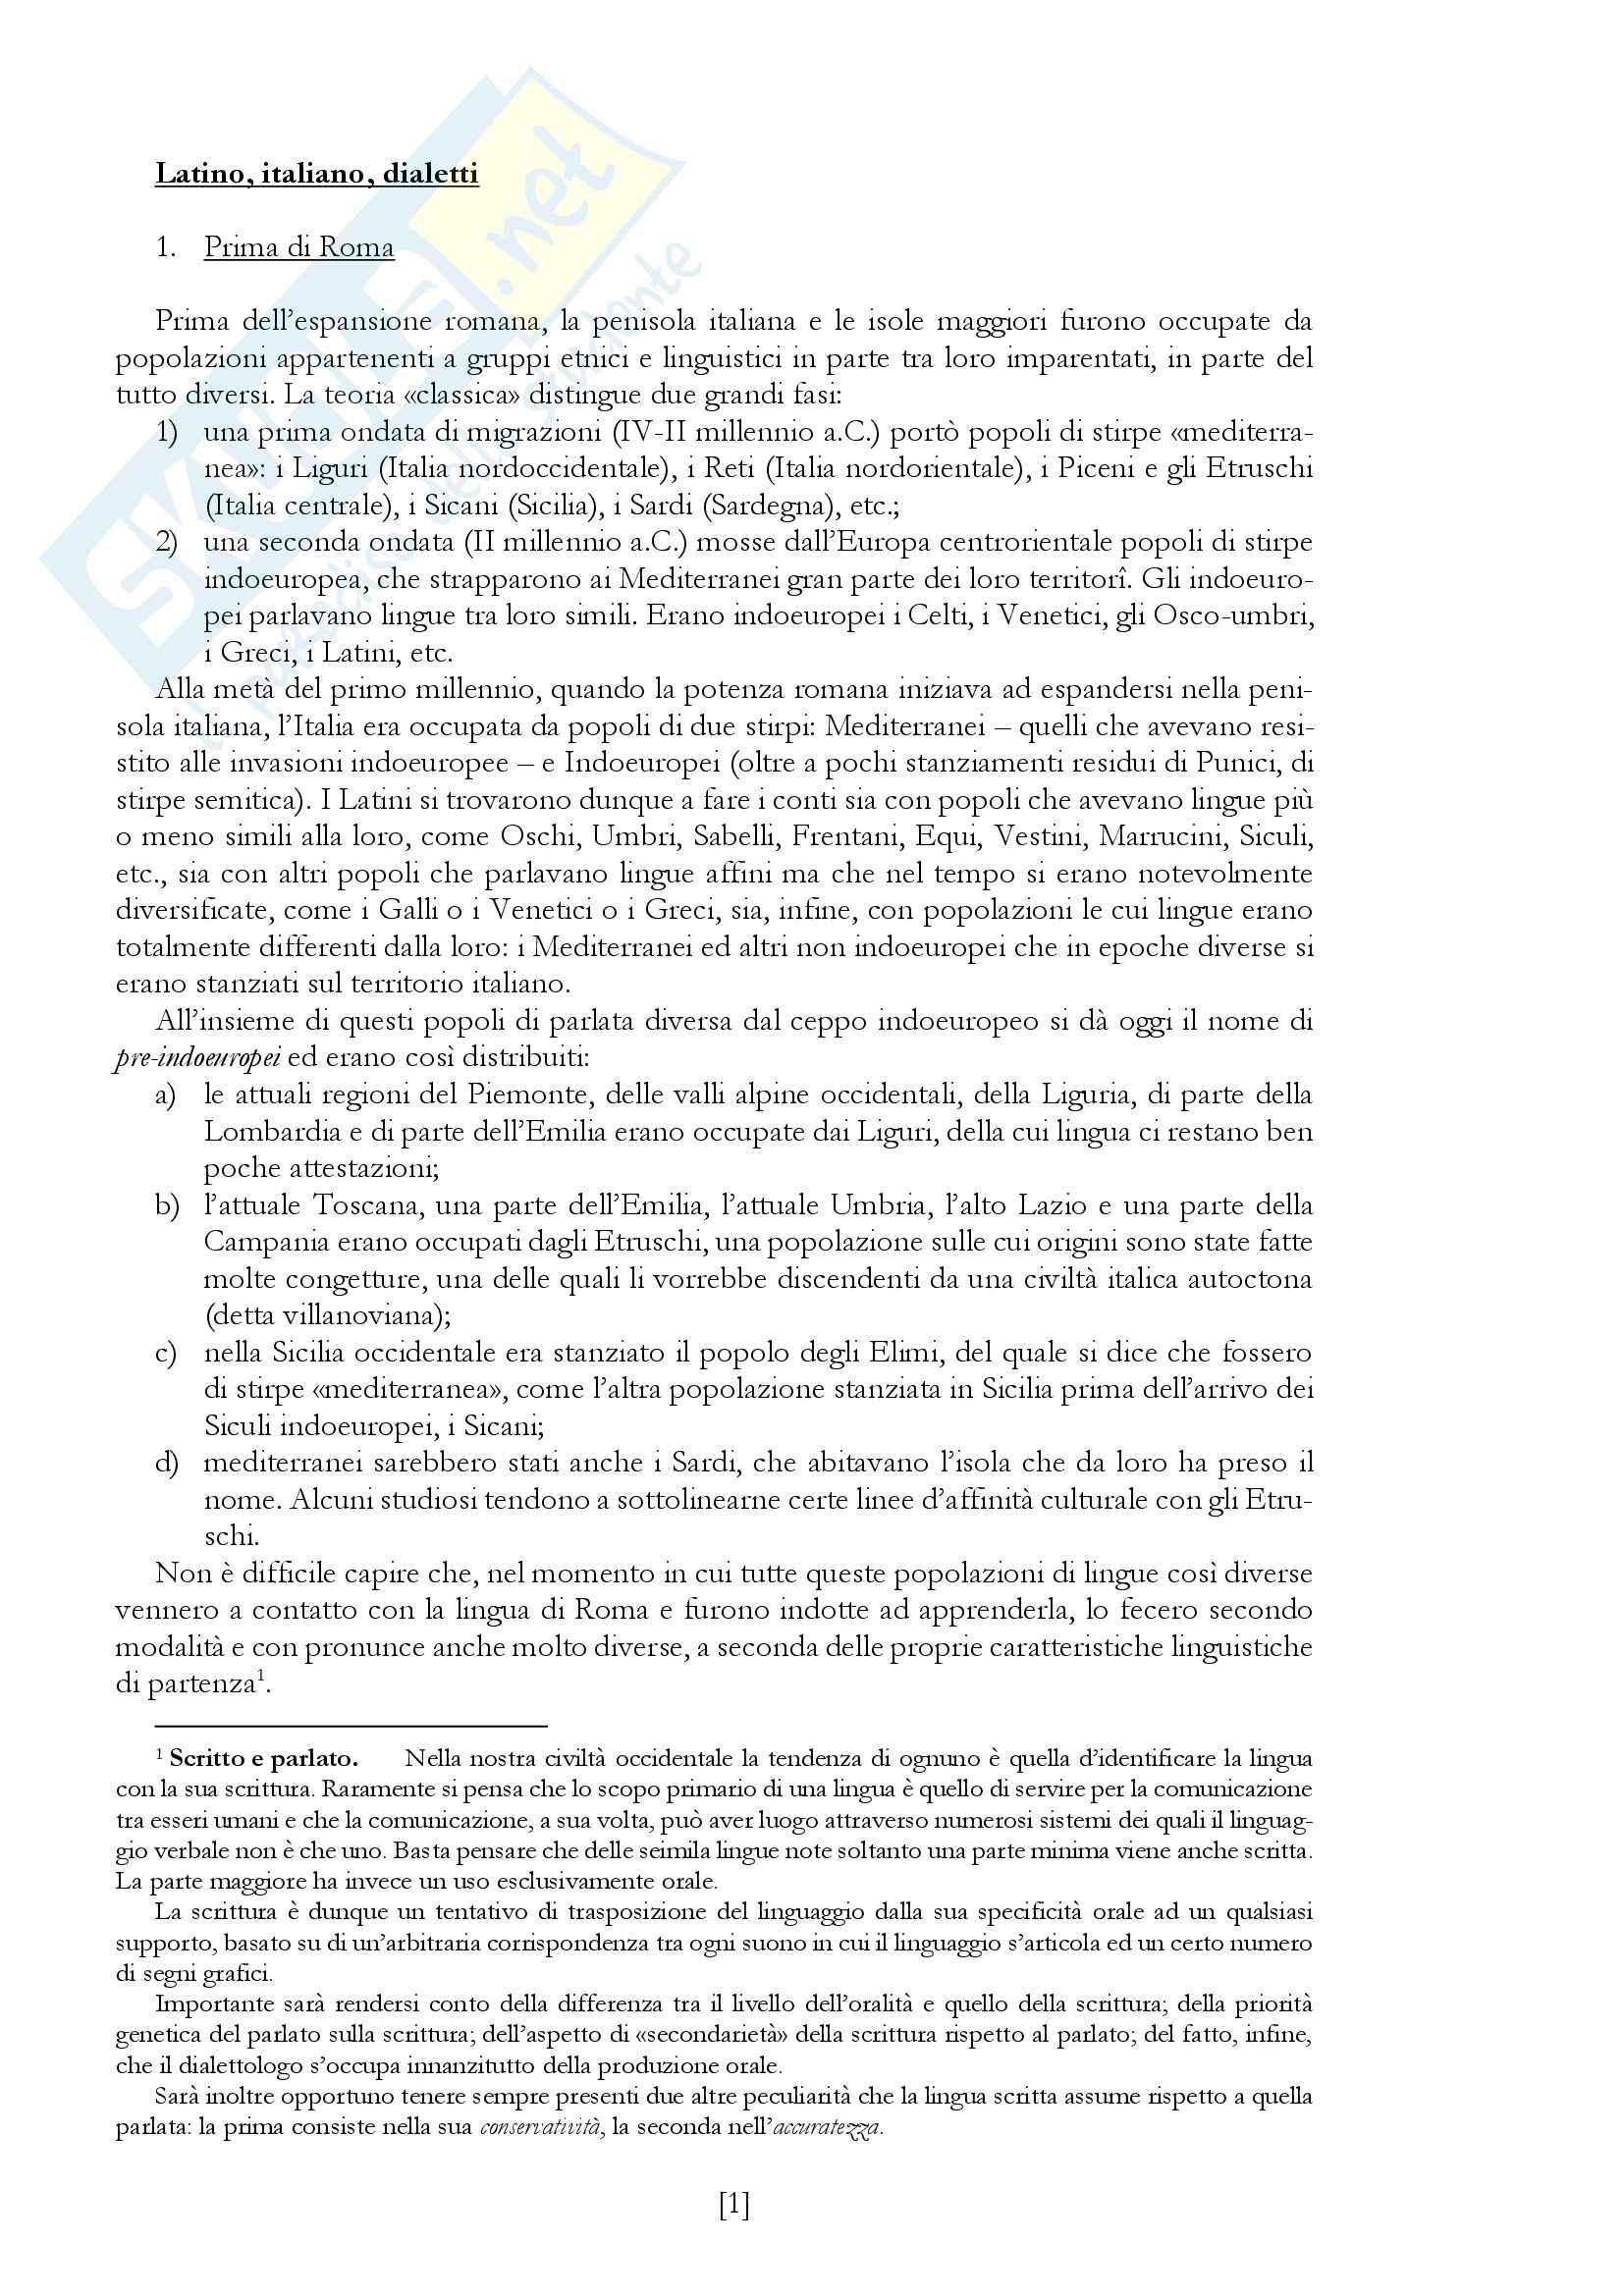 """Riassunto esame Dialettologia italiana, prof. Regis, libro consigliato """"Introduzione alla dialettologia italiana"""" di C. Grassi, A.A. Sobrero e T. Telmon"""